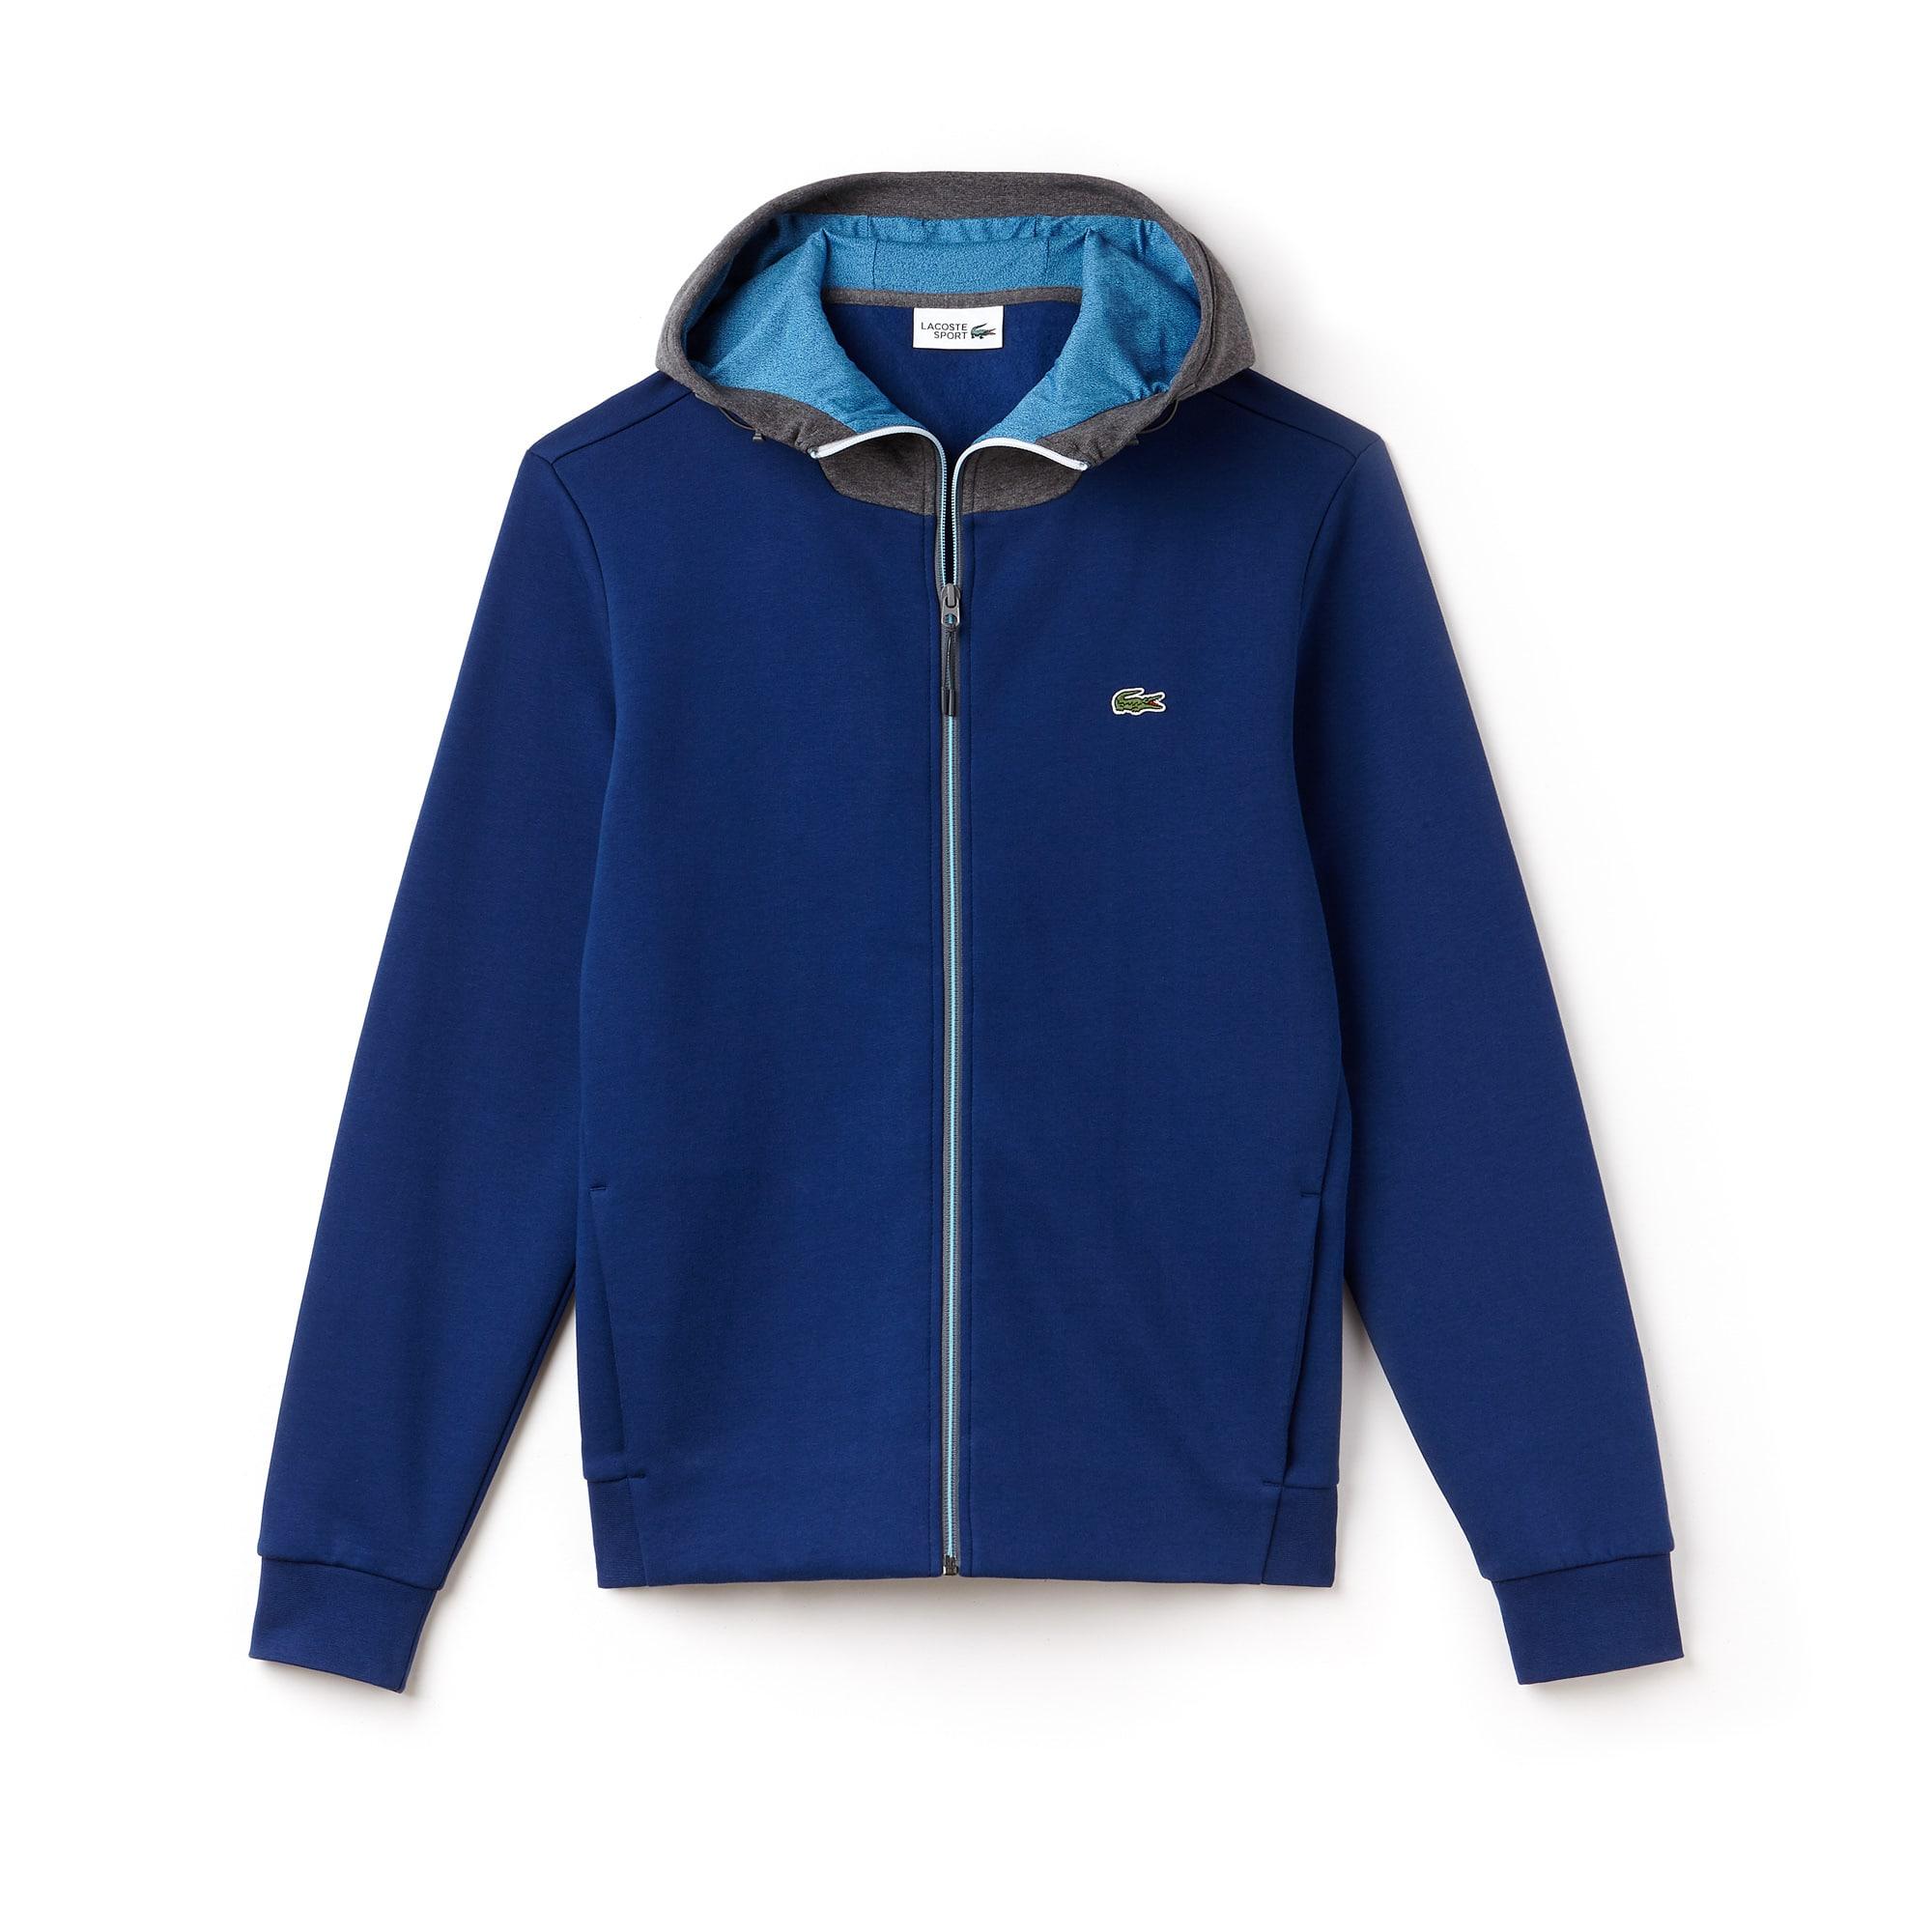 Men's Lacoste SPORT Hooded Bicolour Fleece Zip Tennis Sweatshirt